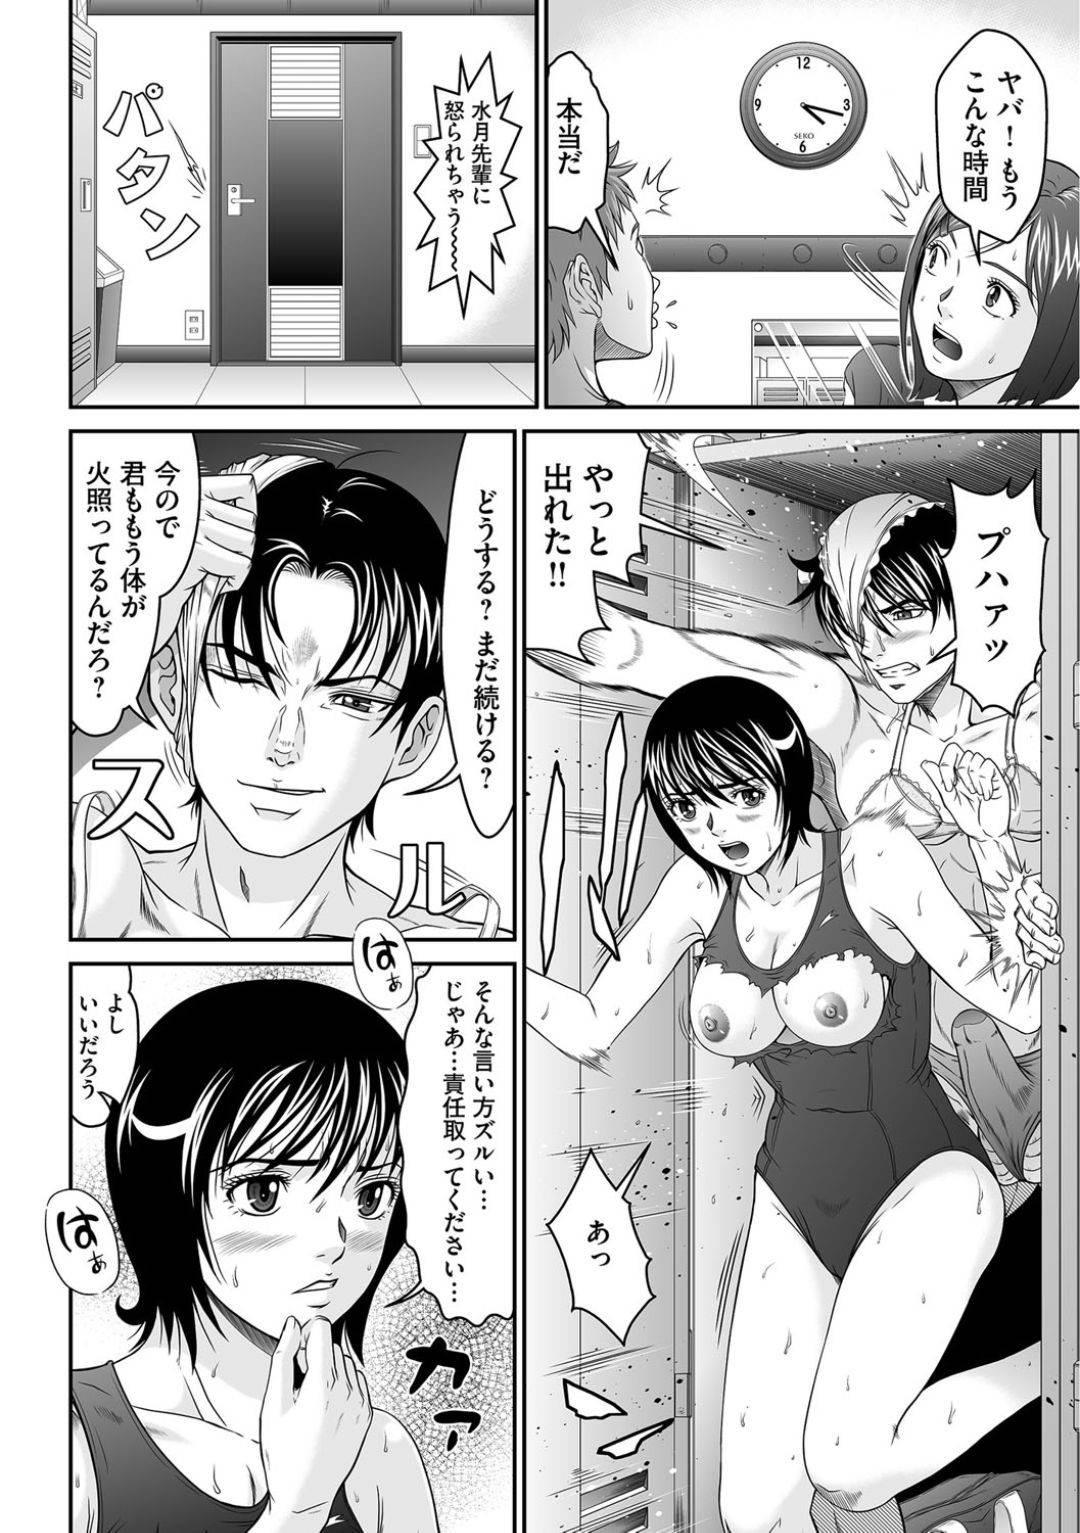 【エロ漫画】更衣室で変態な先輩に襲われてしまった水泳JK。彼女は無理矢理フェラさせられたり、精子をぶっかけられたり、中出しされたりとレイプされまくる!